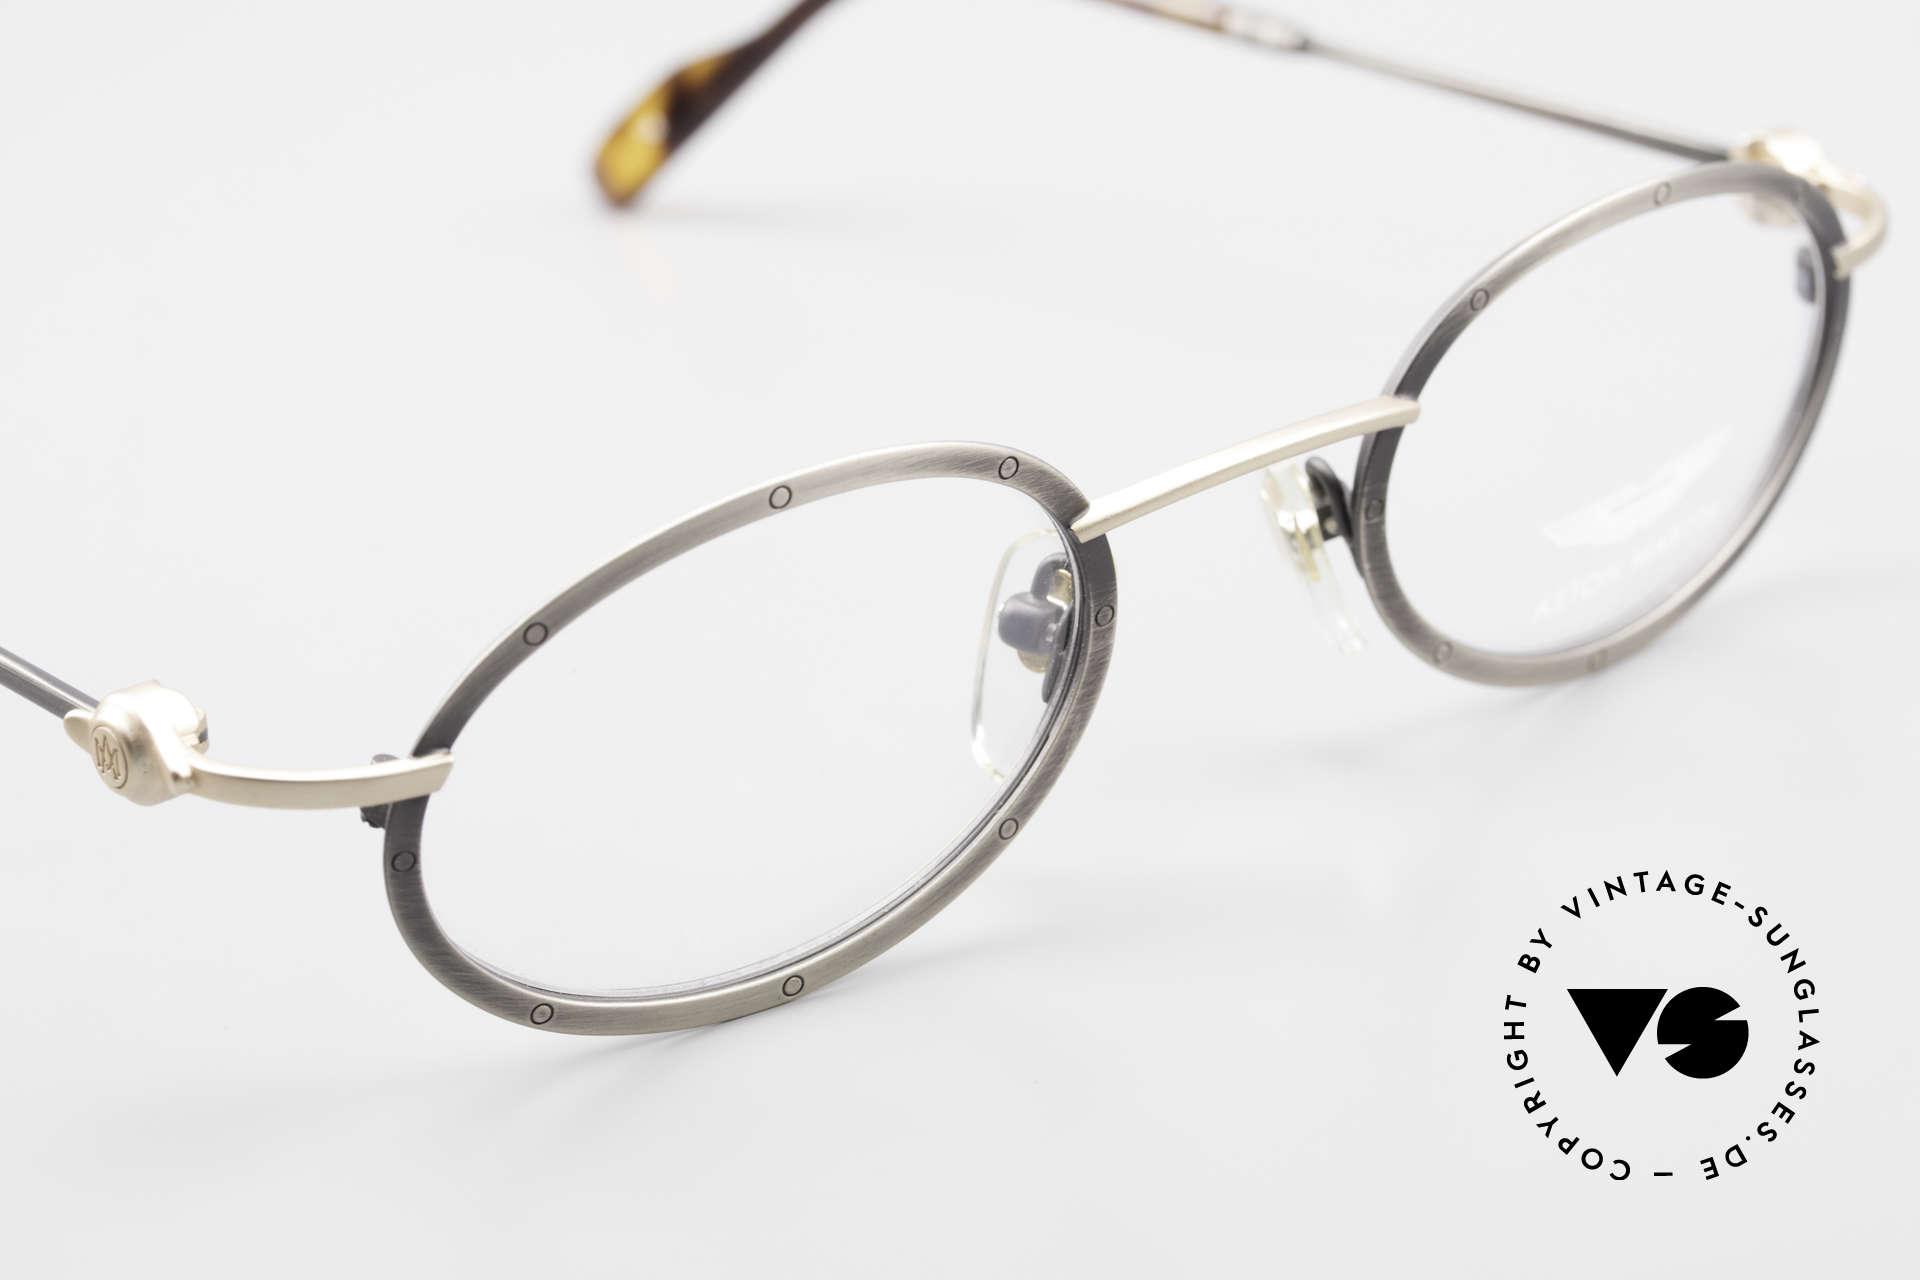 Aston Martin AM34 Vintage Brille Oval James Bond, KEINE RETROdesign-Brille; ein 1990er Jahre ORIGINAL, Passend für Herren